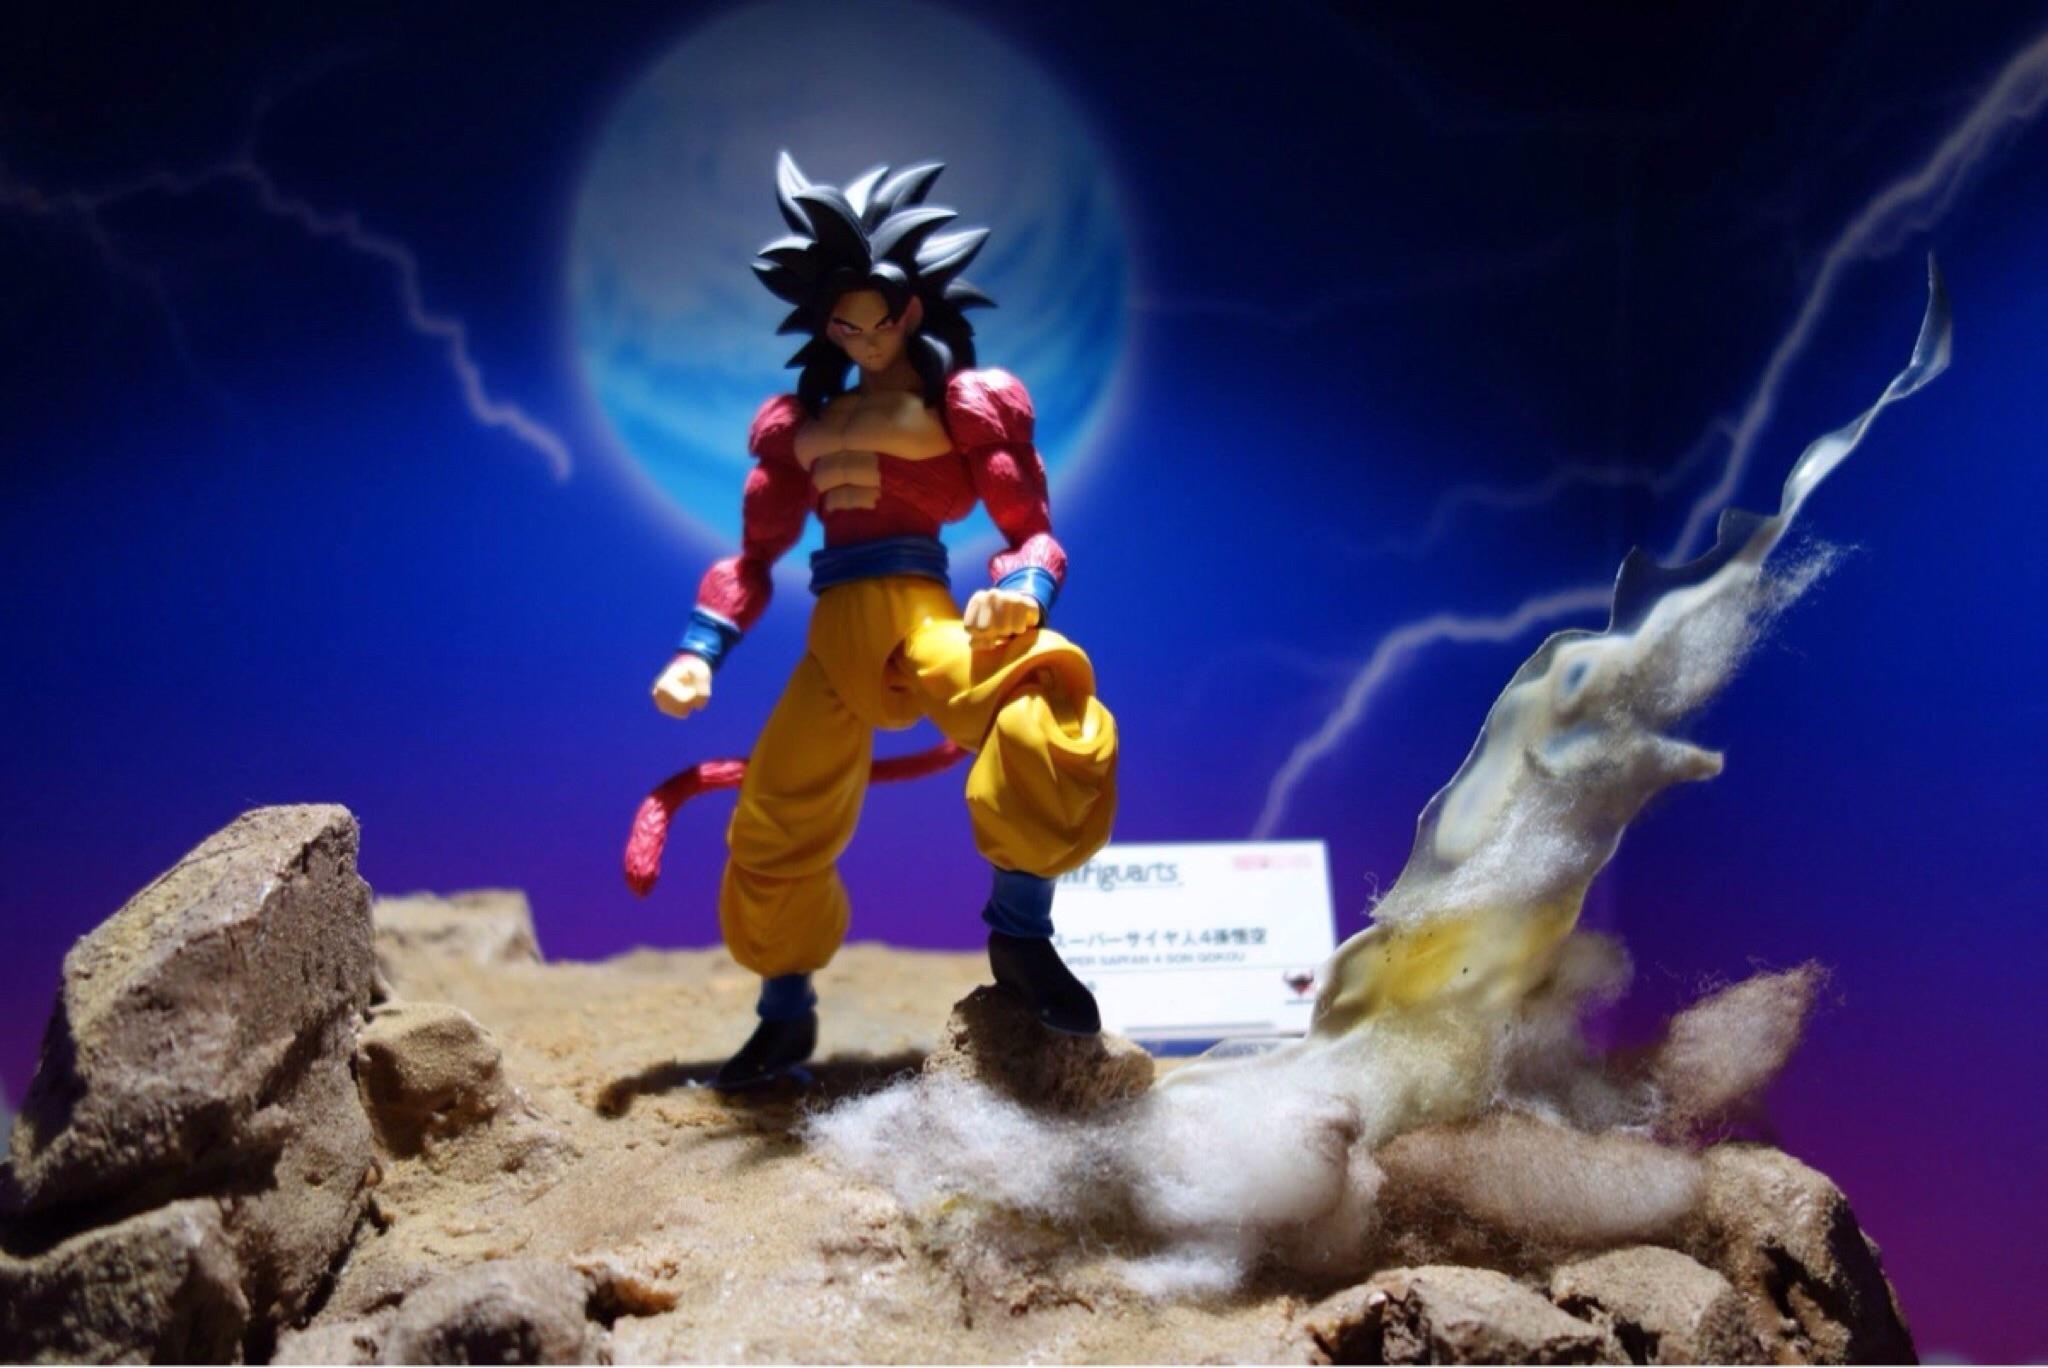 SH Figuarts Super Saiyan 4 Goku